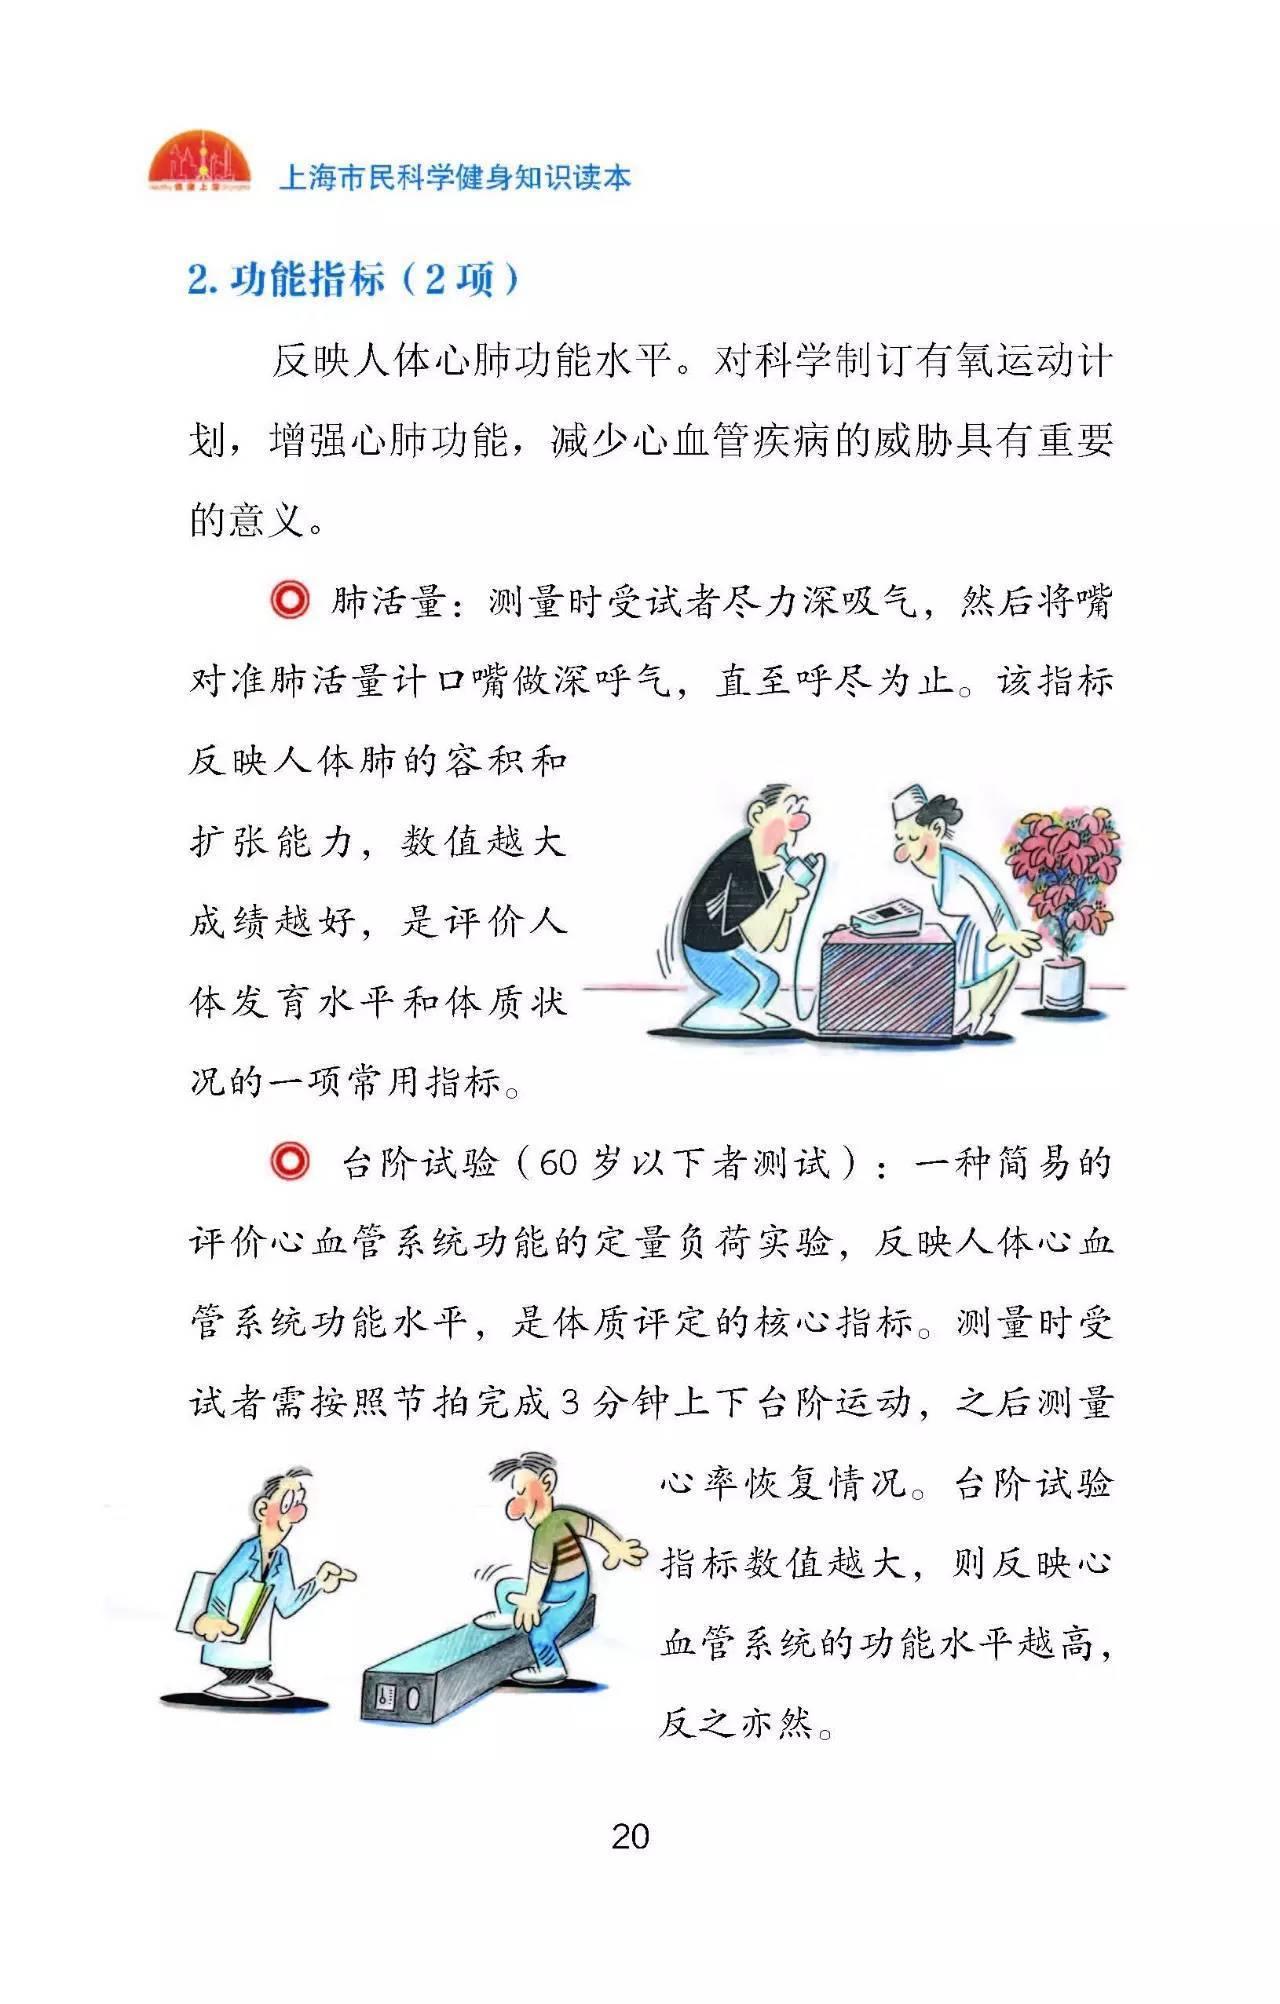 [分享]《上海市民科学健身知识读本》 身体活动金字塔